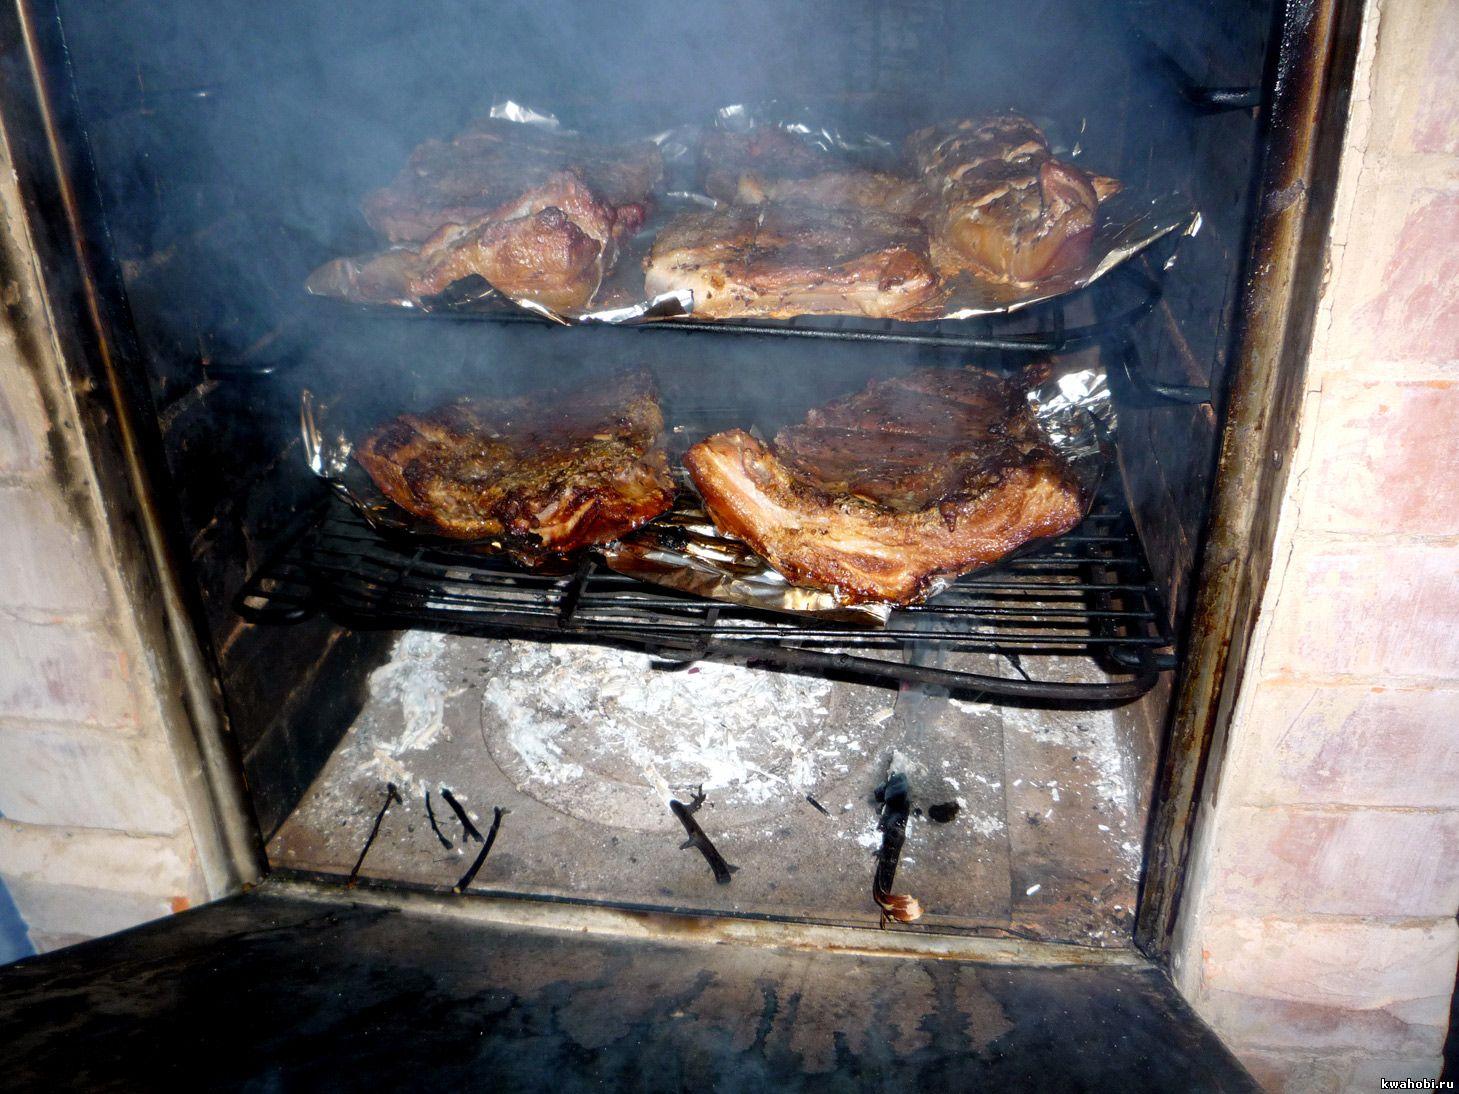 уличная печь с мангалом и коптильней сало горячего копчения уличная печь с мангалом и коптильней